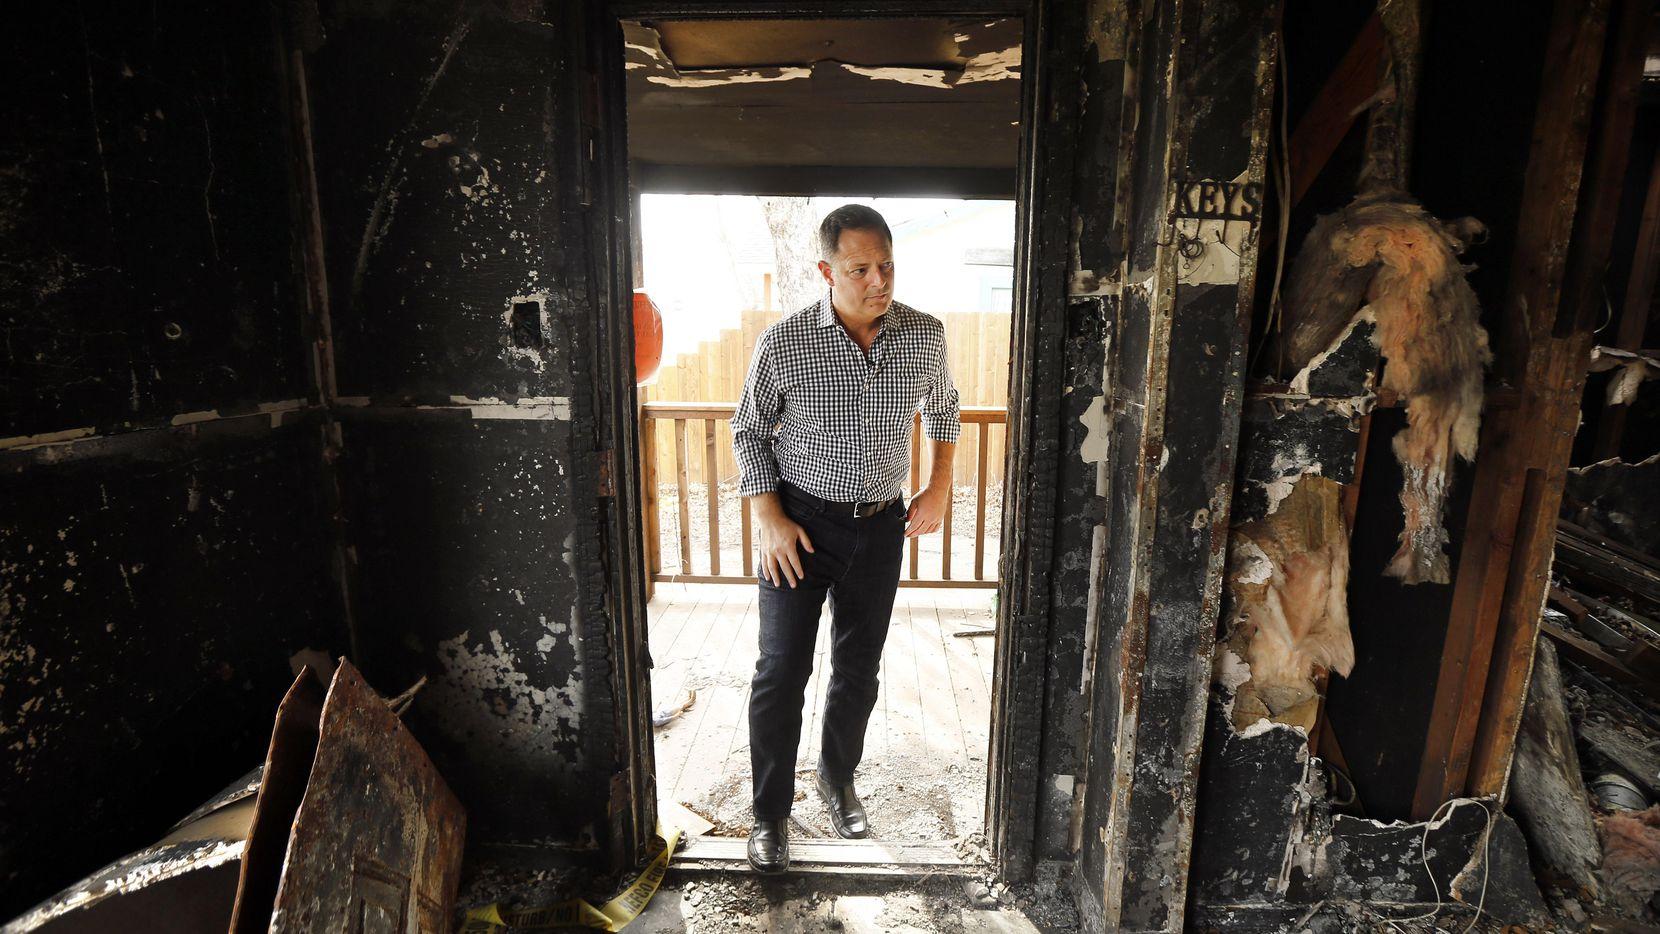 El representante estatal Rafael Anchía entra a una vivienda en Durango Dr. del noroeste de Dallas, la cual se incendió debido auna explosión causada por una fuga de gas en febrero de 2018. (DMN/TOM FOX)